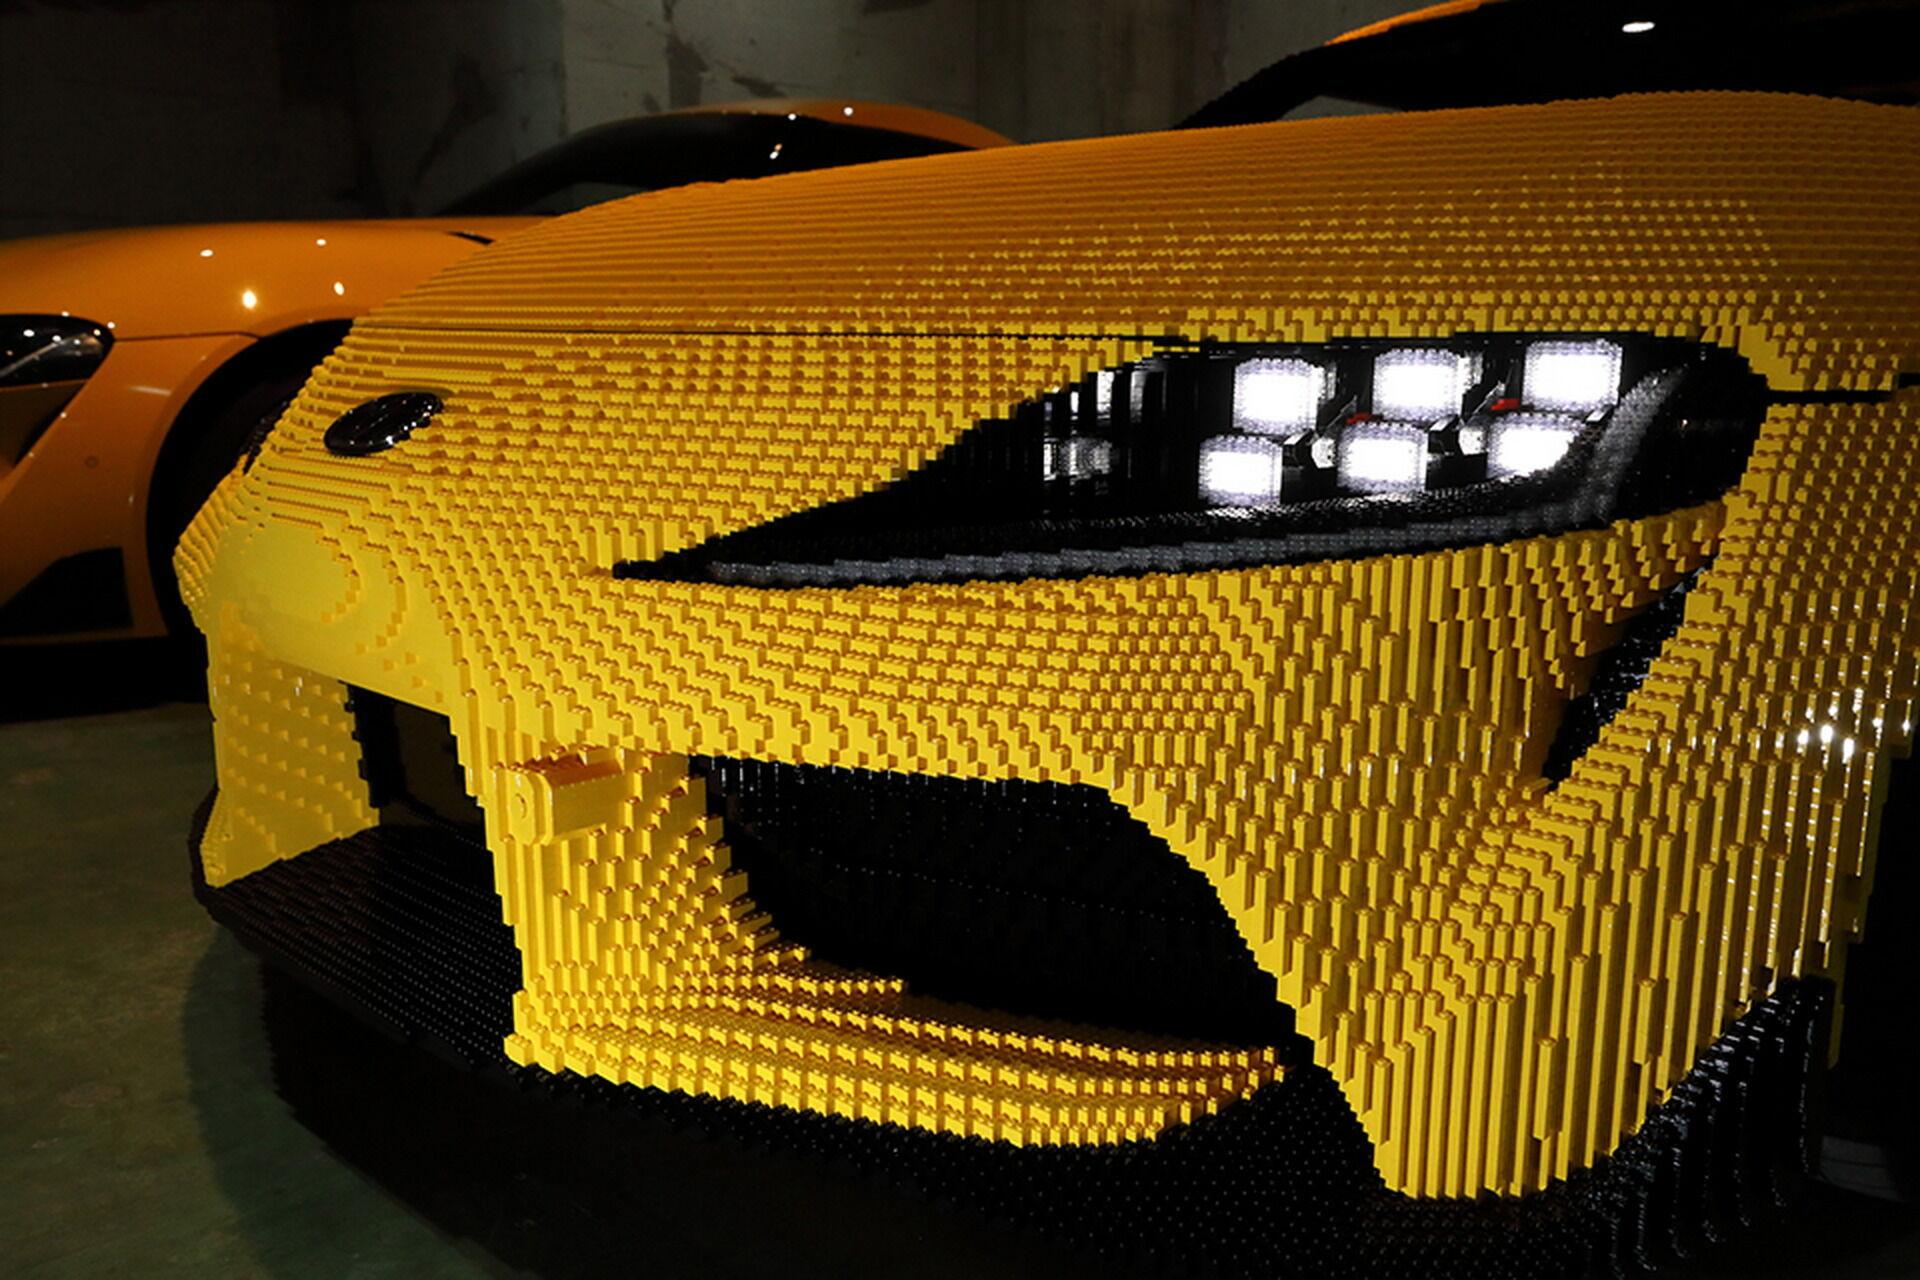 Автомобіль має чудову деталировку і працездатні фари з ДХВ